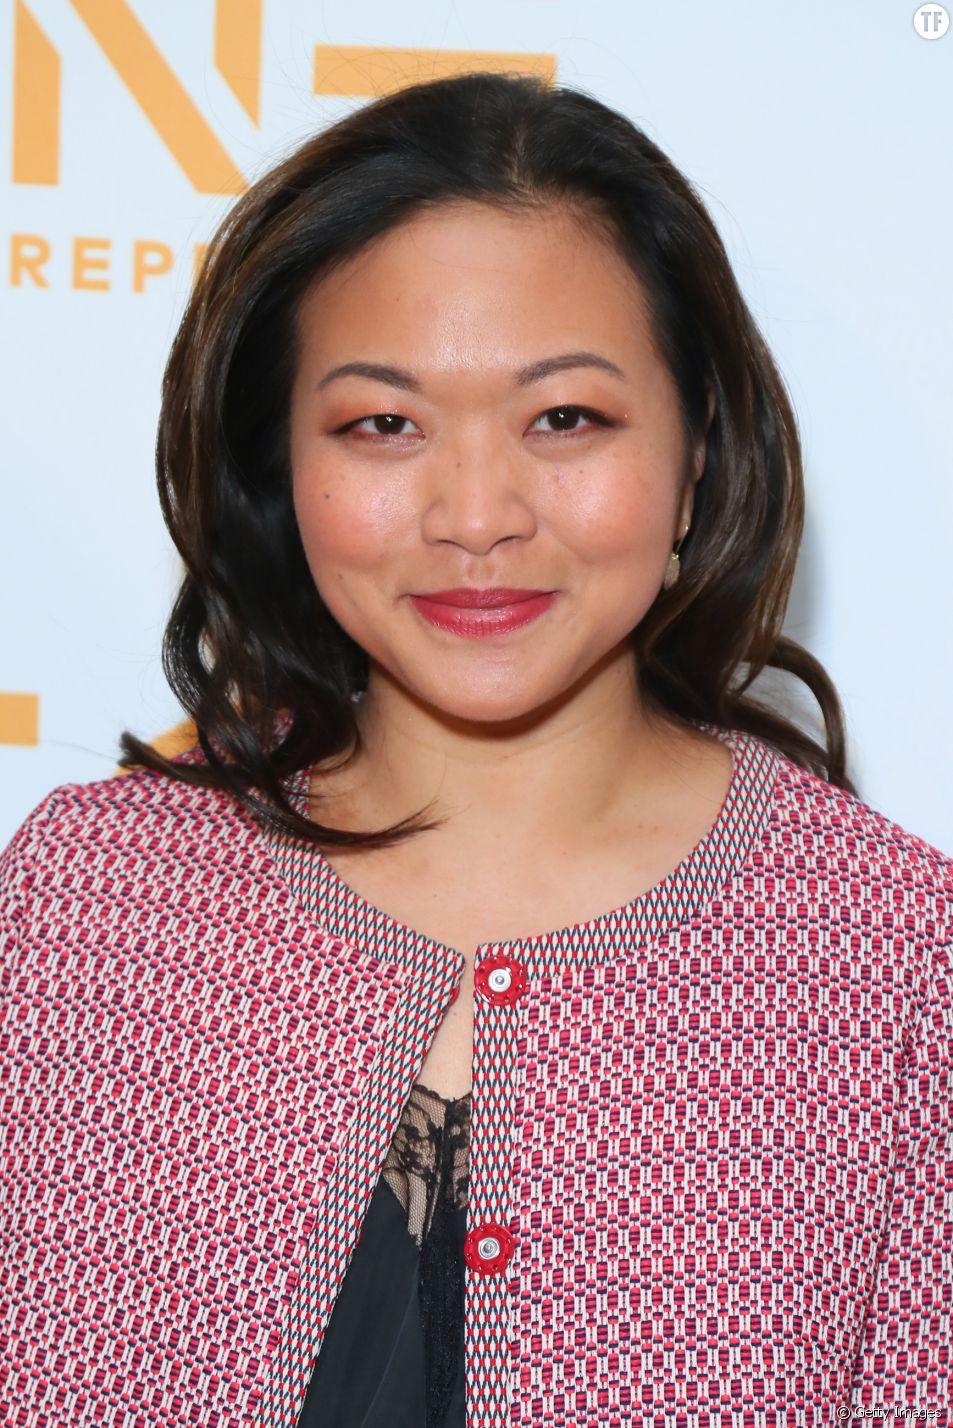 """Payée dix fois moins que son collègue blanc, la co-autrice de """"Crazy Rich Asians"""" s'en va"""